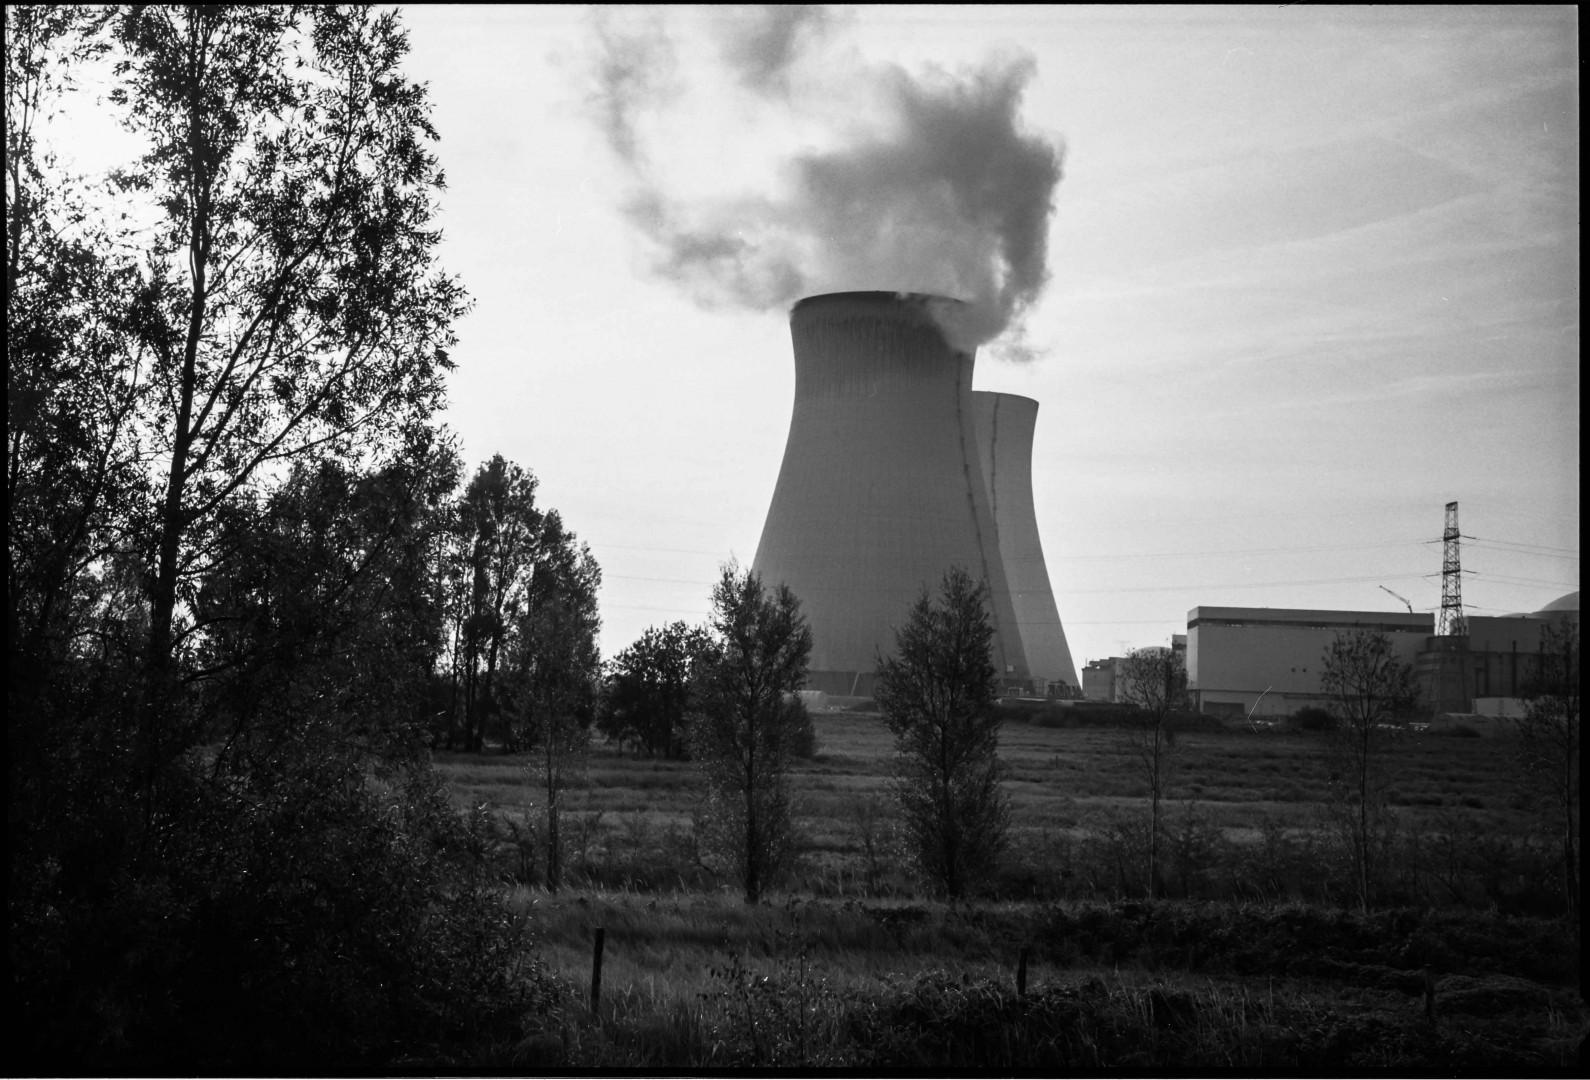 la centrale nucleare di Doel in Belgio (Foto di Ivo Saglietti)